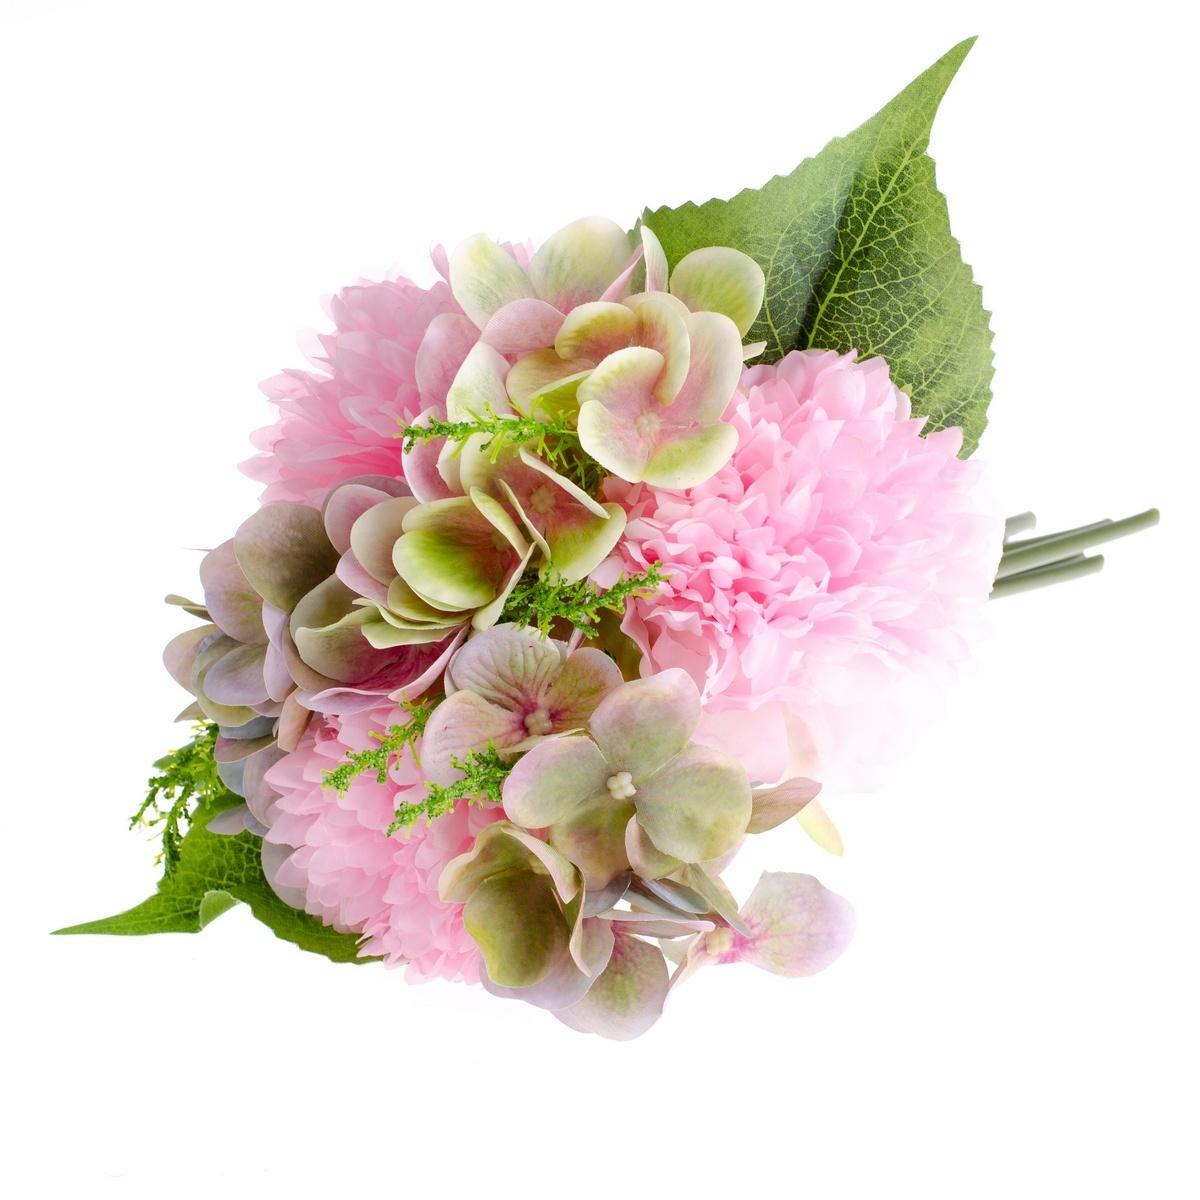 Umělá kytice Pivoňka s hortenzií tmavě růžová, 30 cm